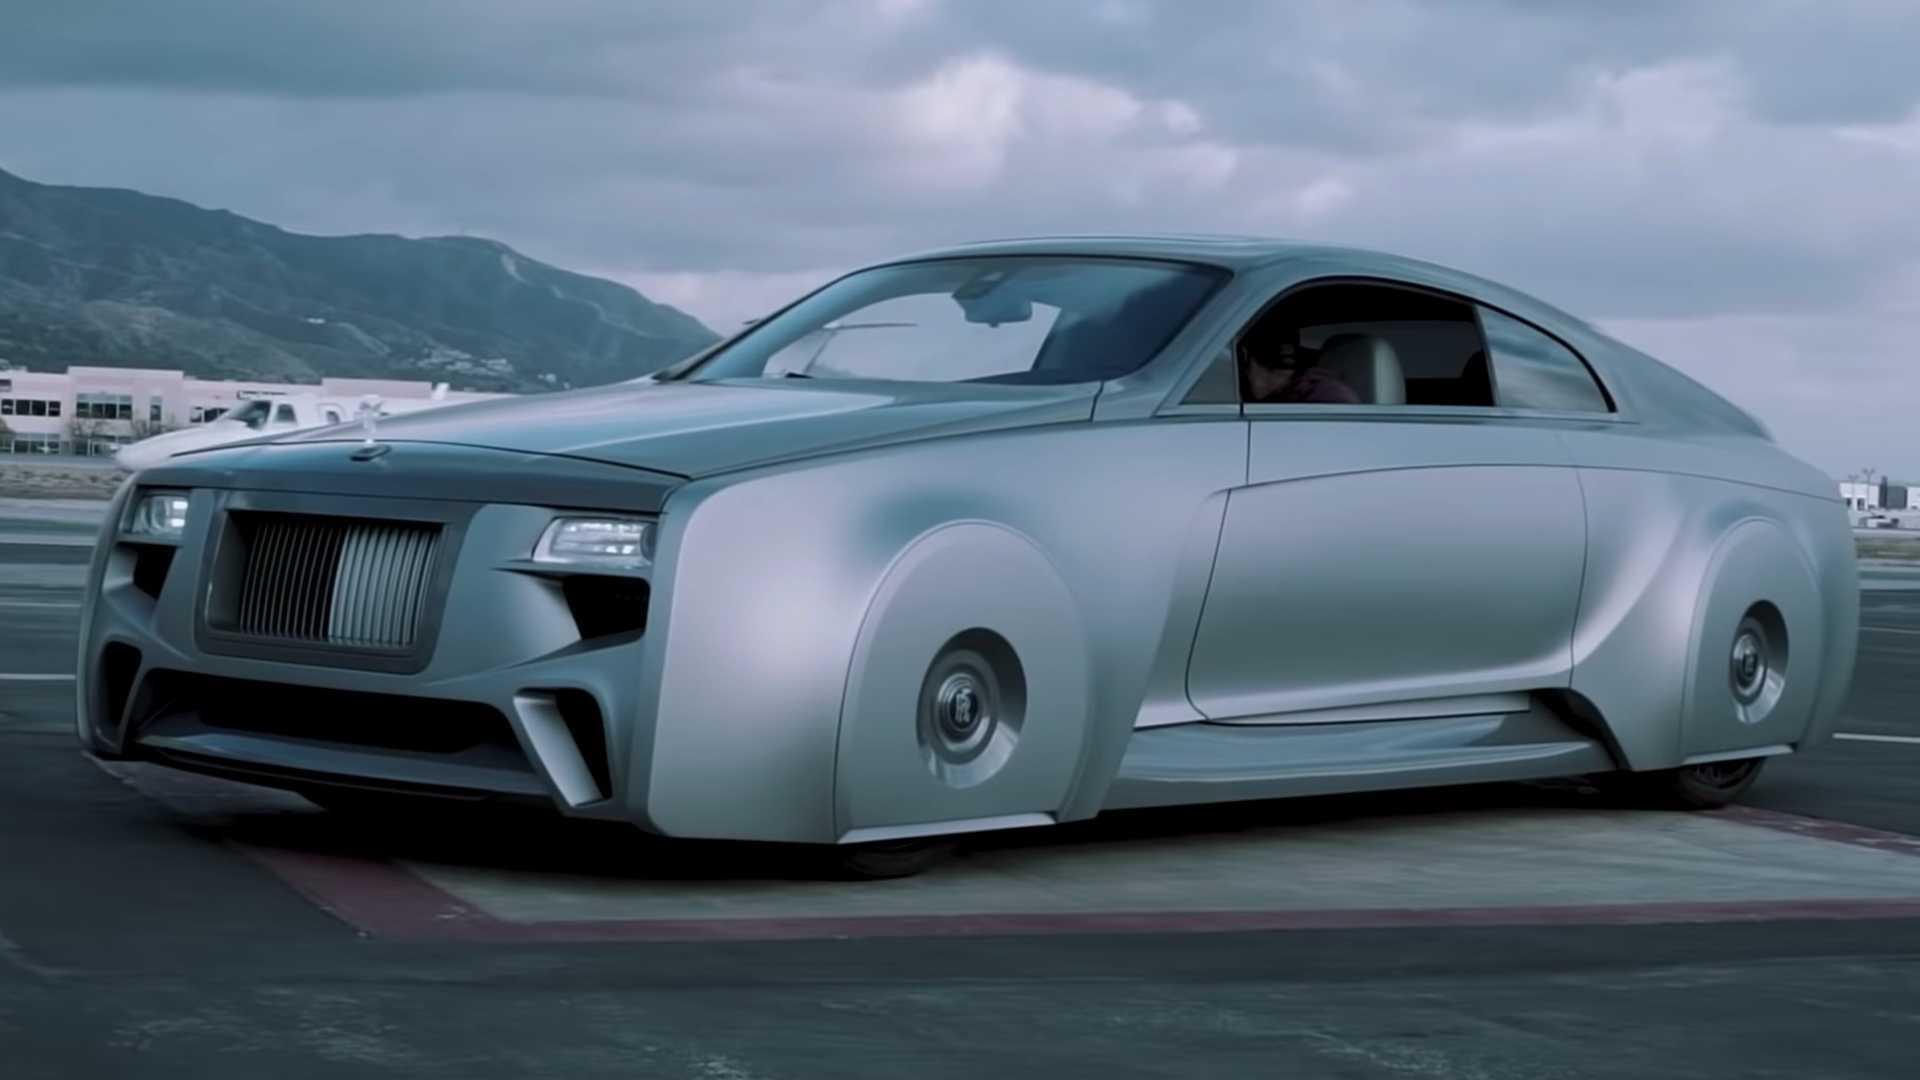 Таможня Западного побережья показывает, как они построили странный Rolls-Royce Джастина Бибера